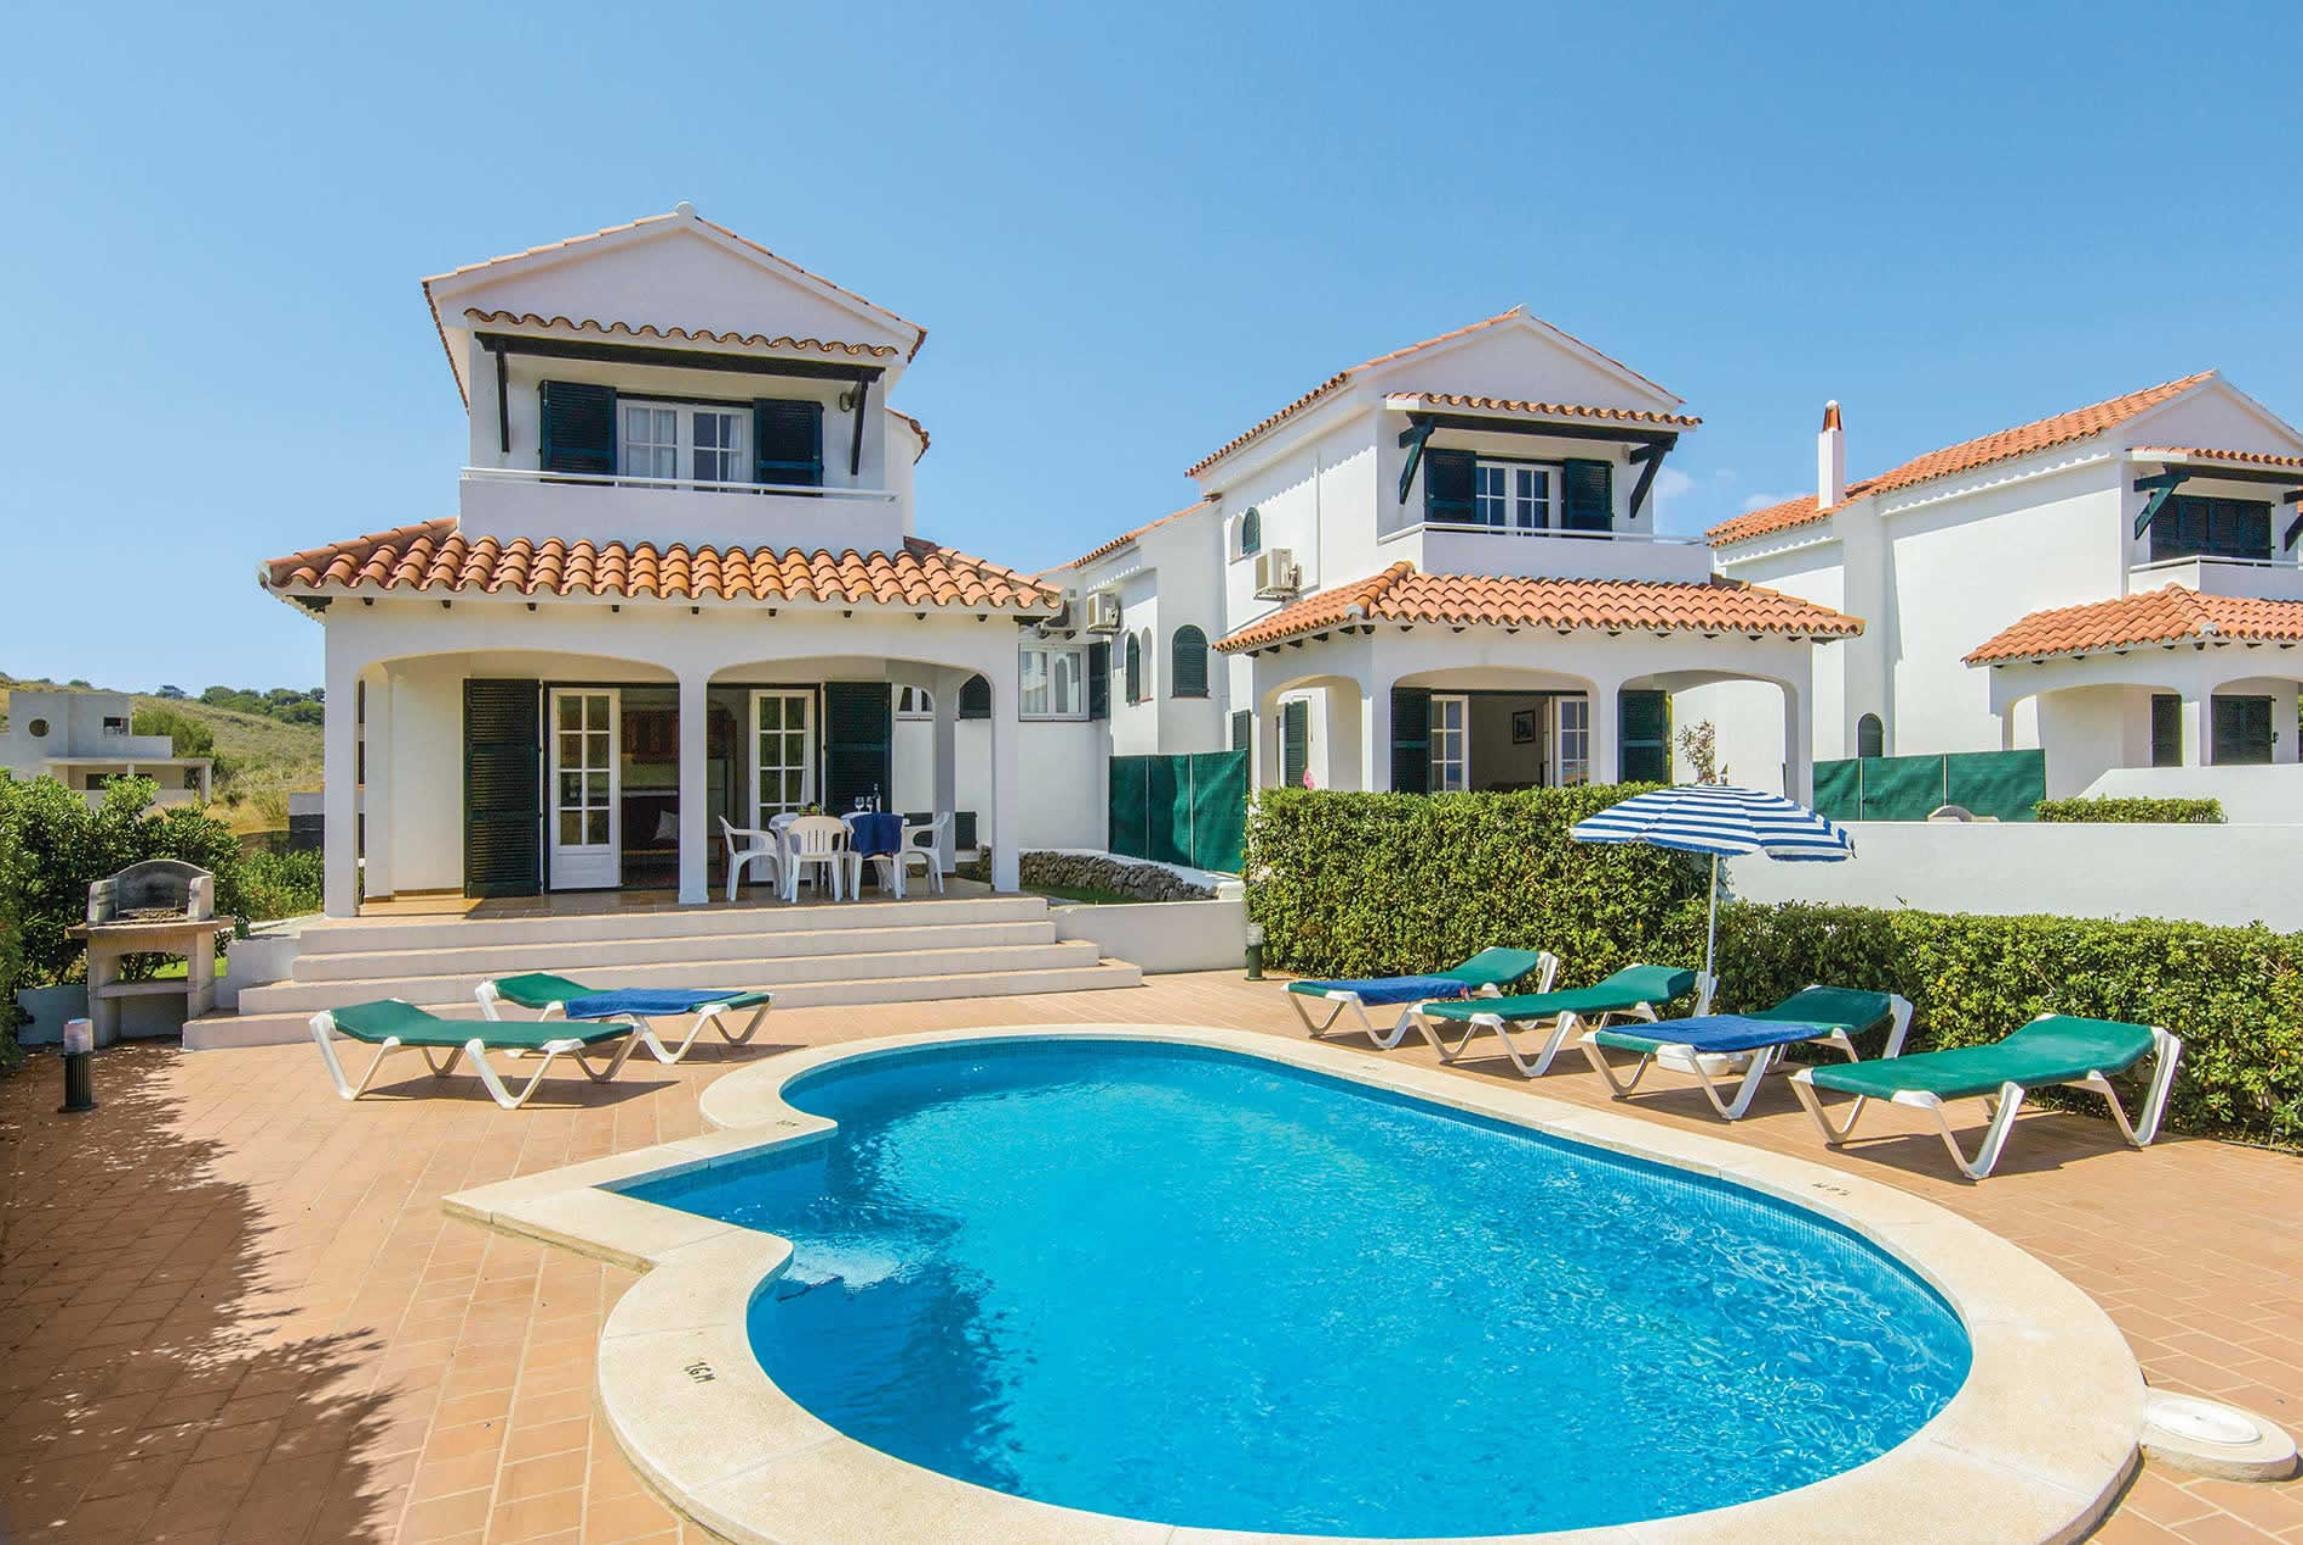 Ferienhaus Sol I Mar (2654313), Arenal De'N Castell, Menorca, Balearische Inseln, Spanien, Bild 14